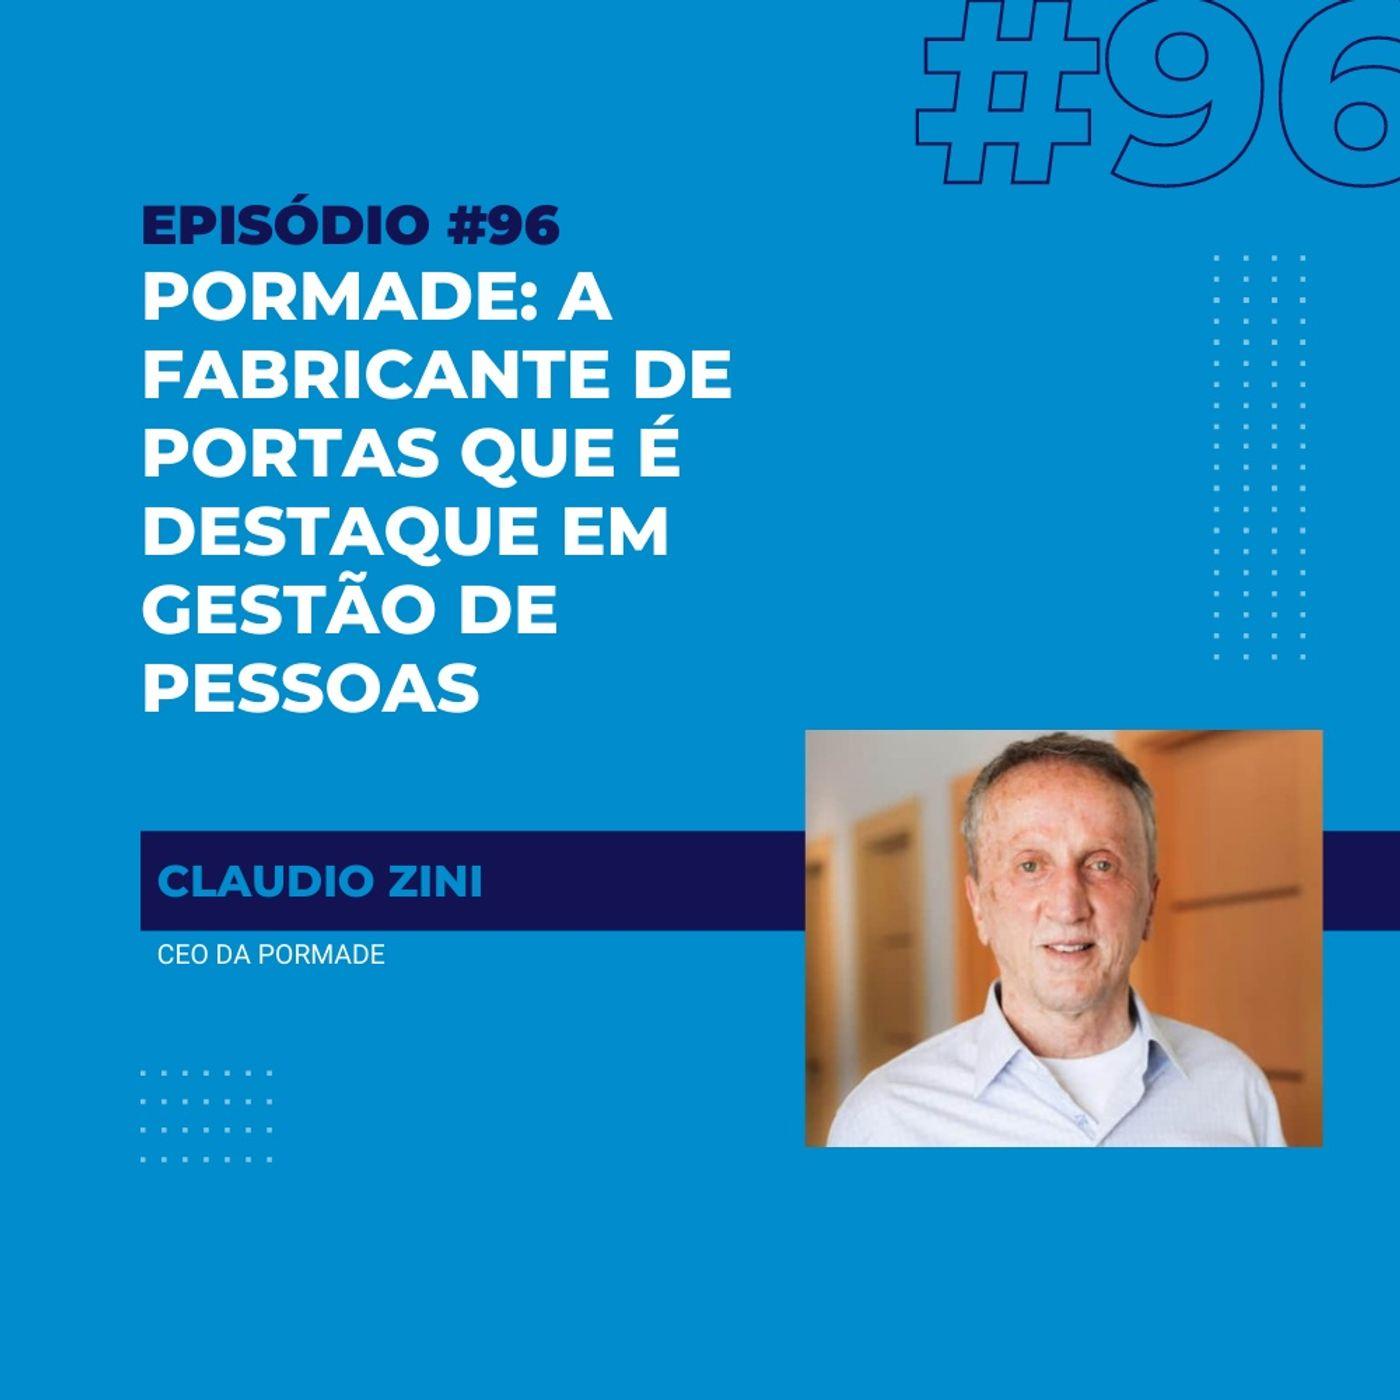 #96 - Pormade: a fabricante de portas que é destaque em gestão de pessoas